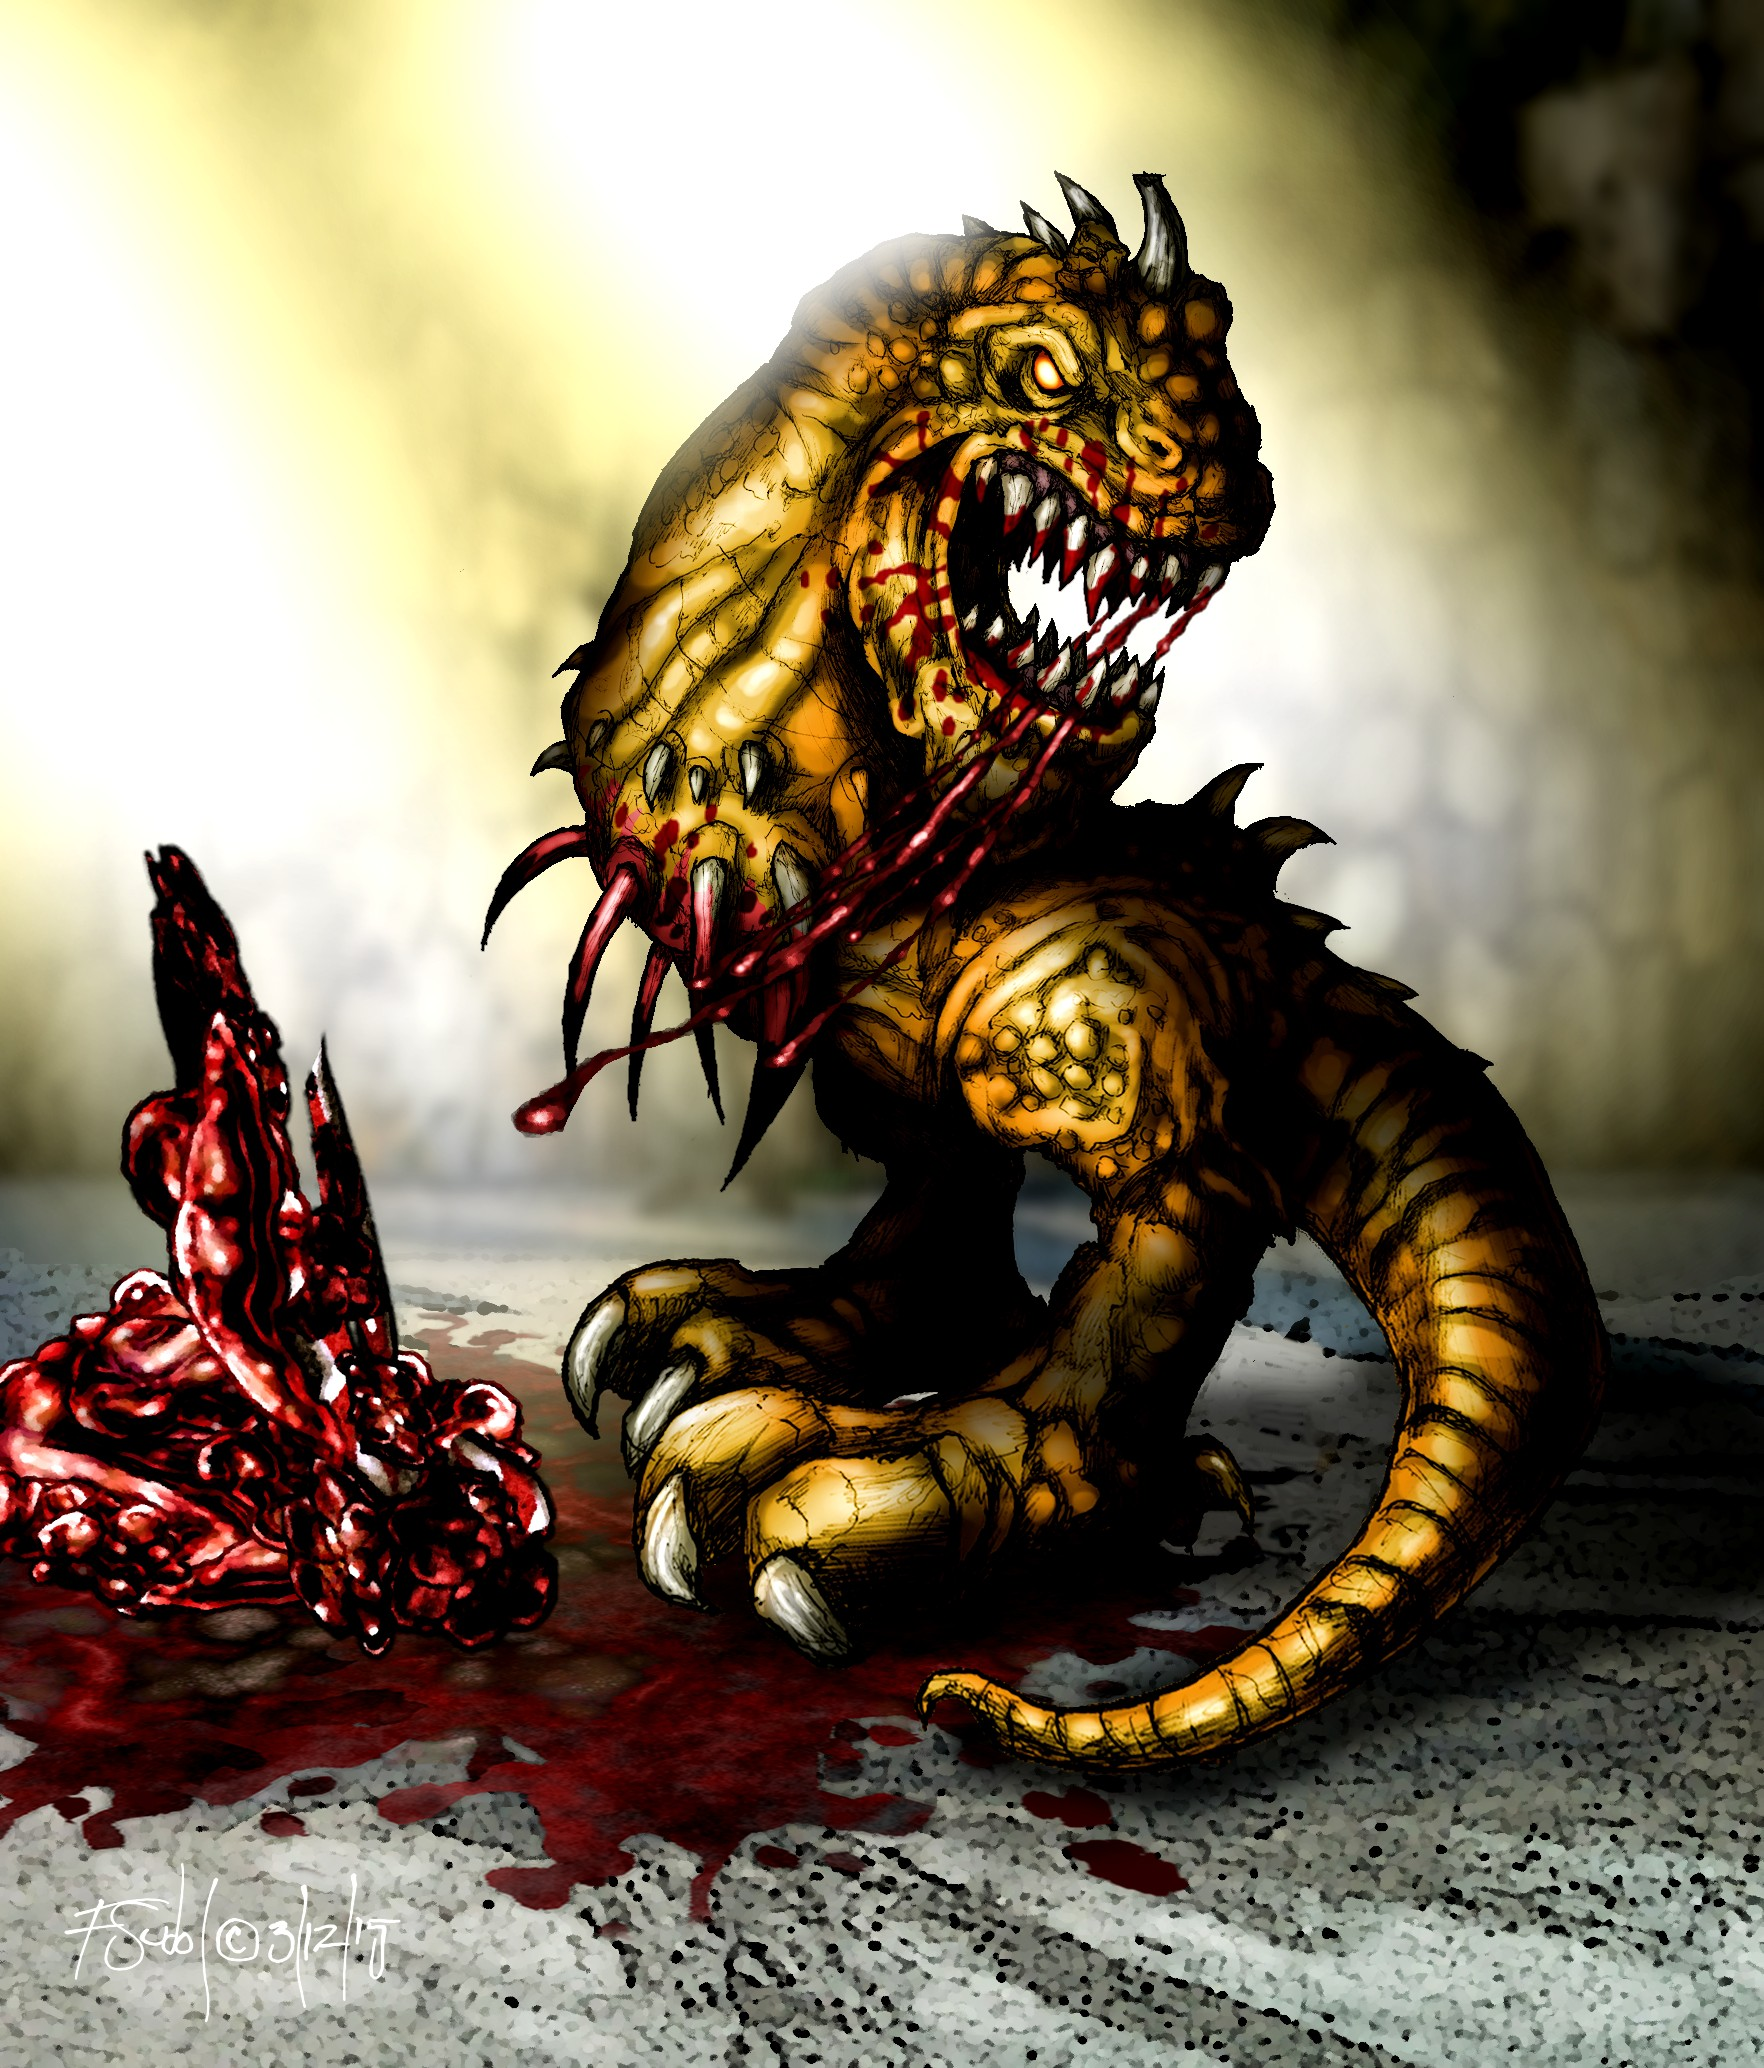 Spiked Raptor